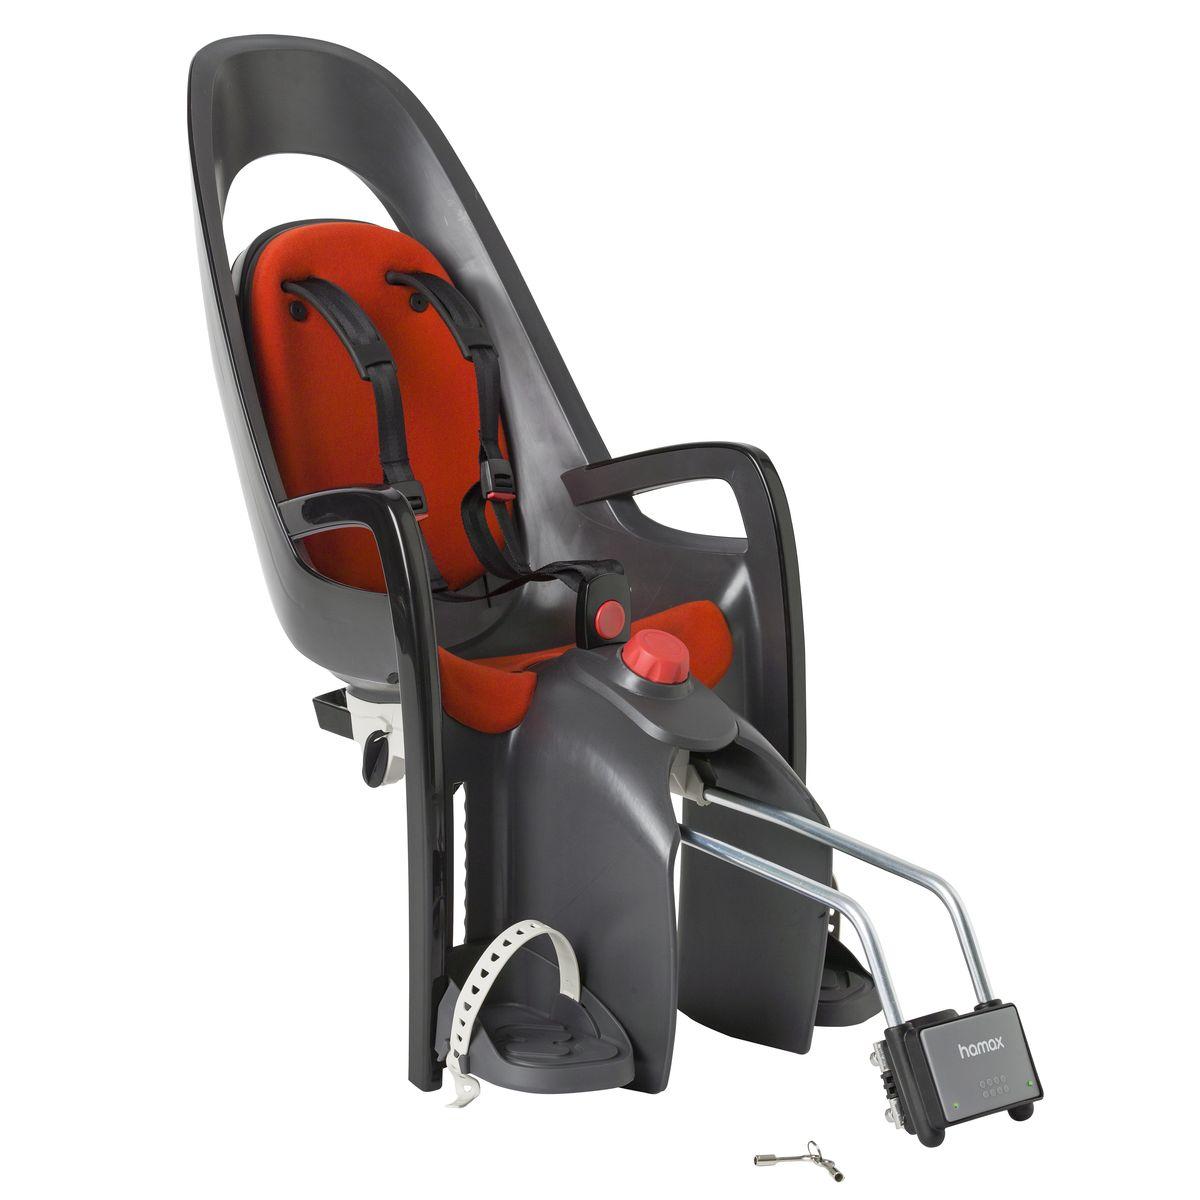 Детское кресло Hamax Caress W/Lockable Bracket, цвет: серый, красный